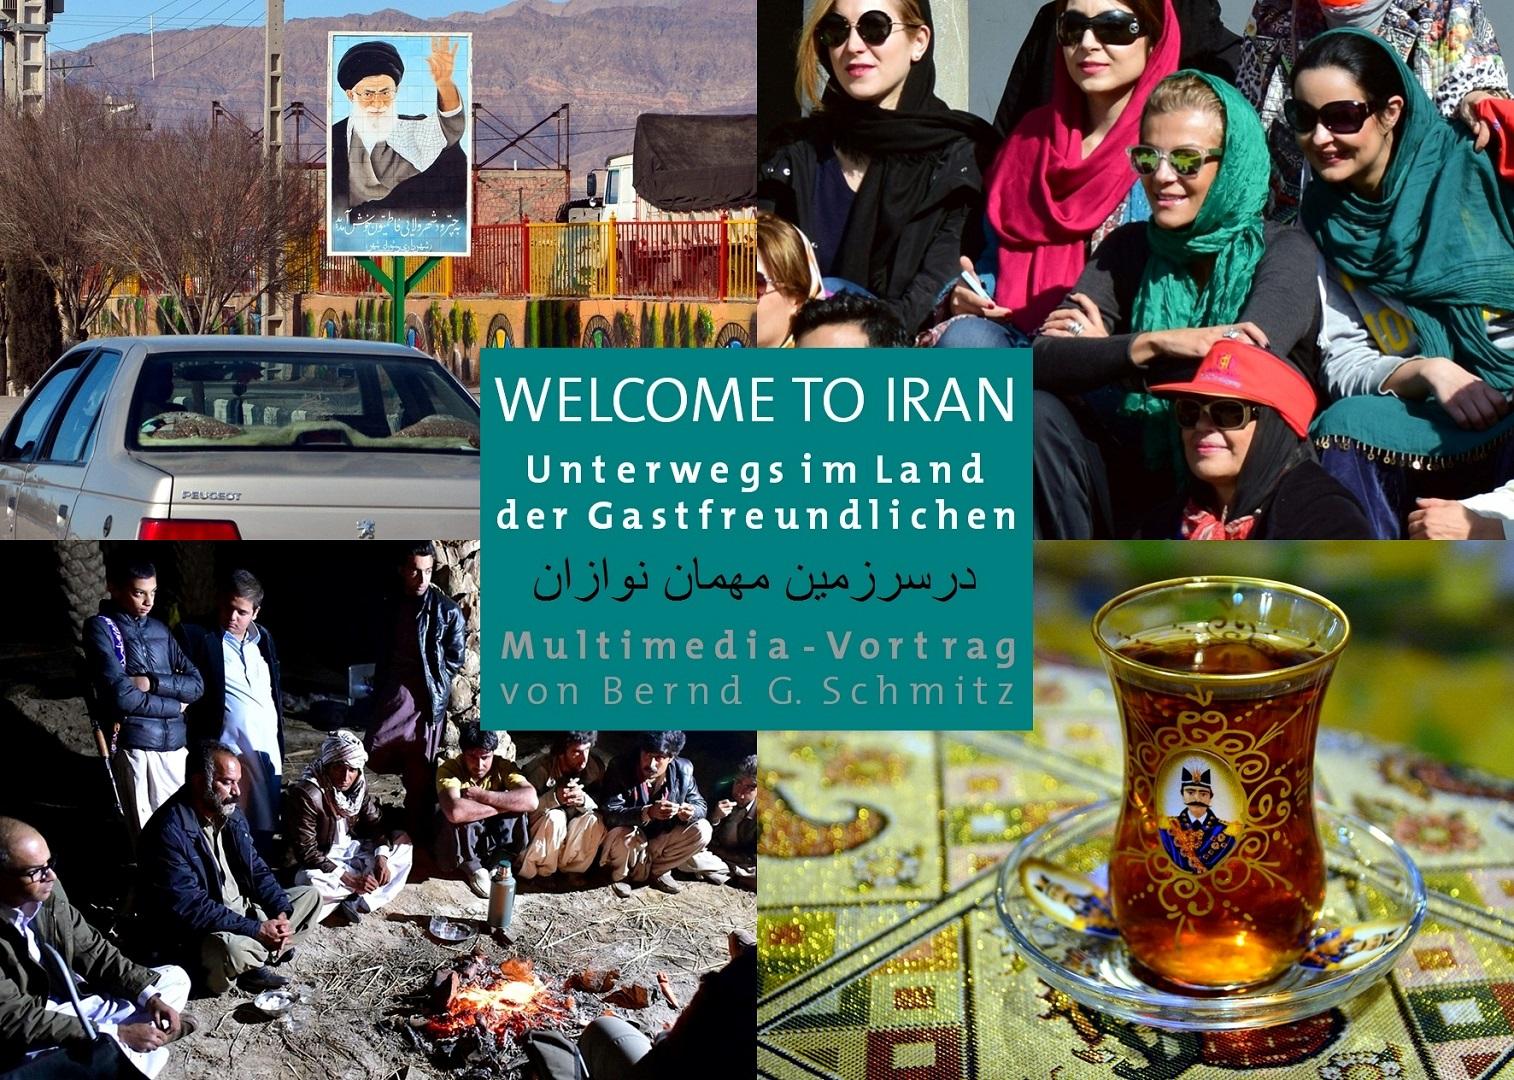 Welcome to Iran. Multi-Media-Vortrag von Bernd G. Schmitz